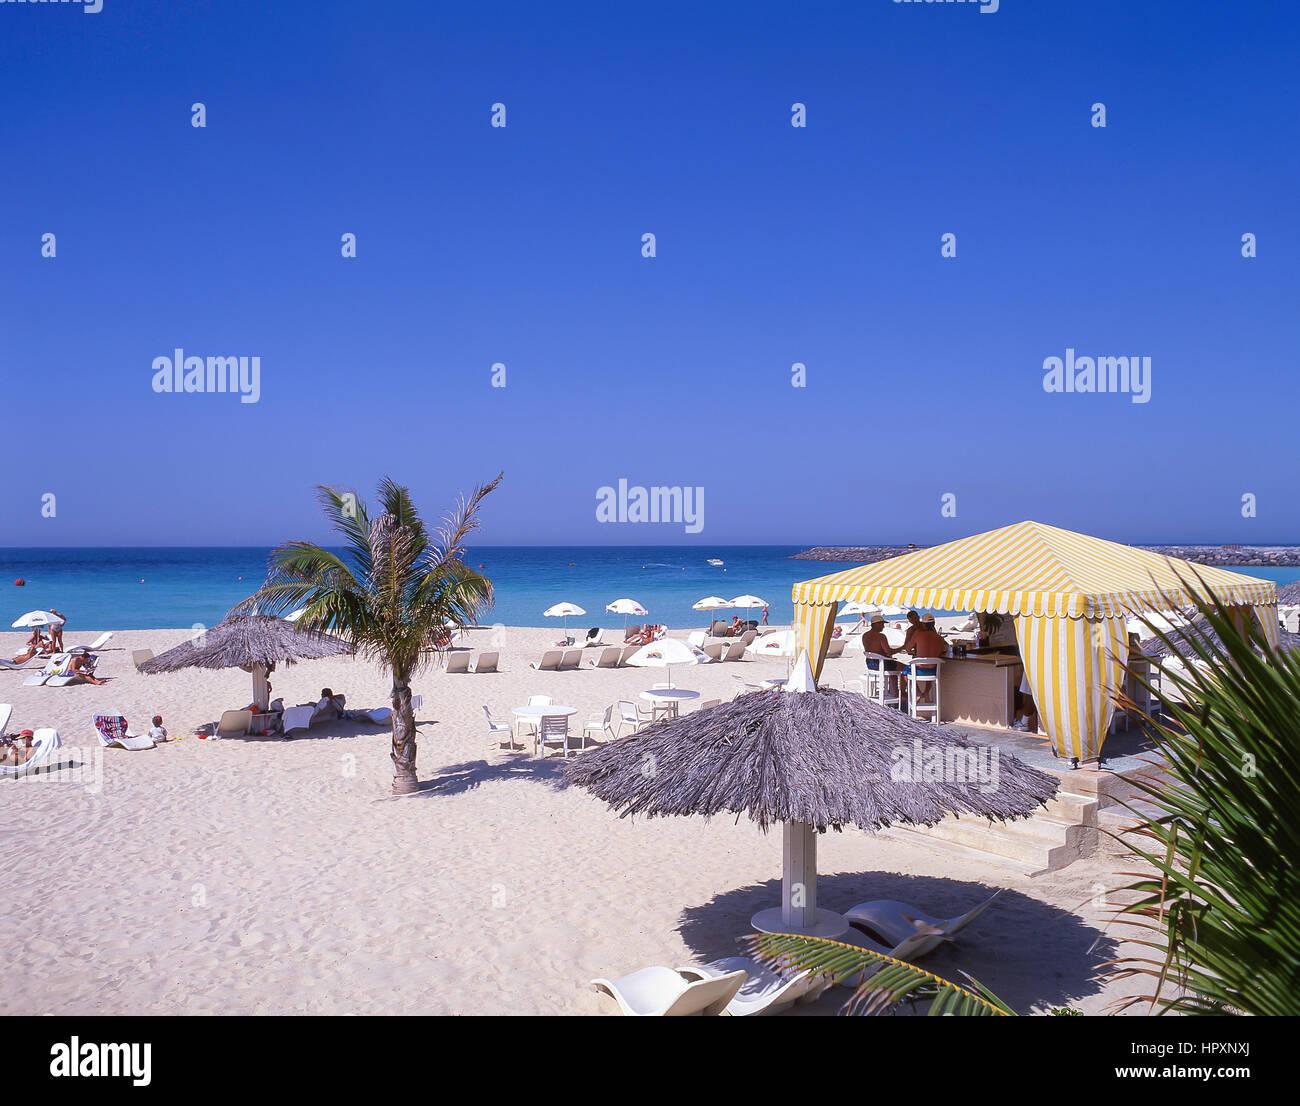 Jumeirah Beach, Jumeirah, Dubai, Vereinigte Arabische Emirate Stockbild